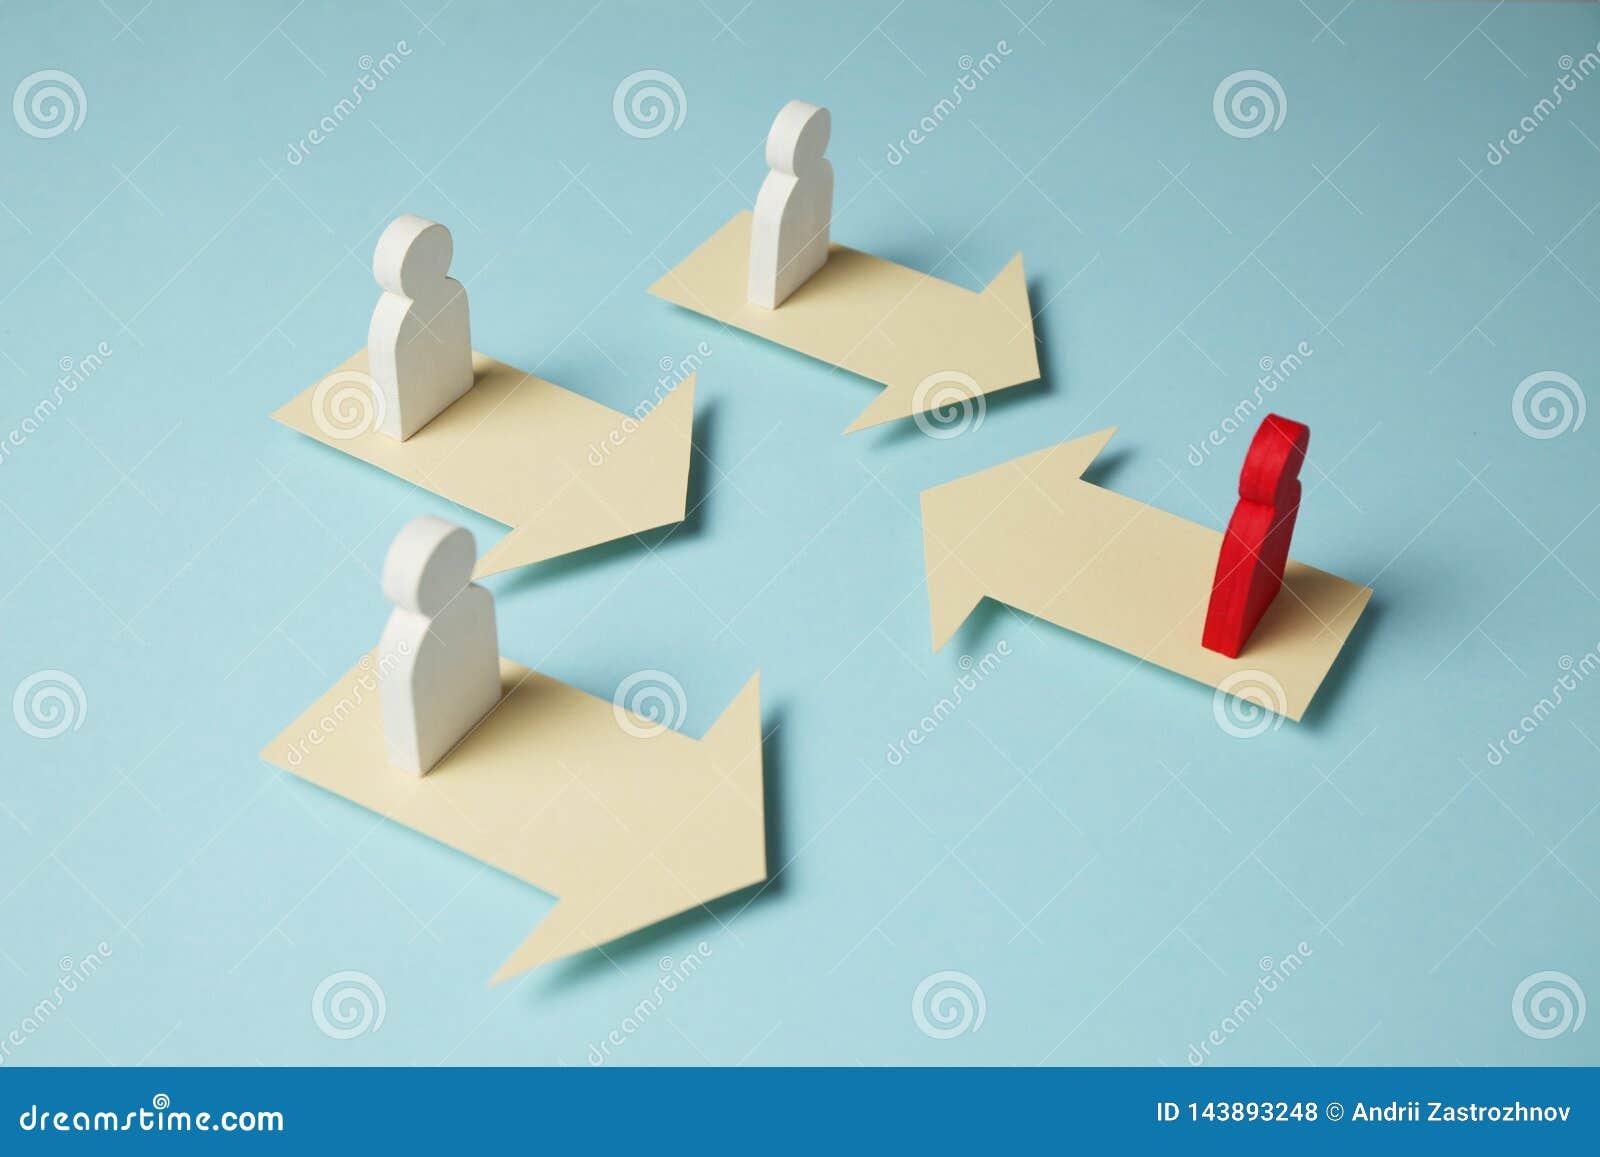 Postacie ludzie i strzały, konfrontacja w biznesie, walka dla sukcesu